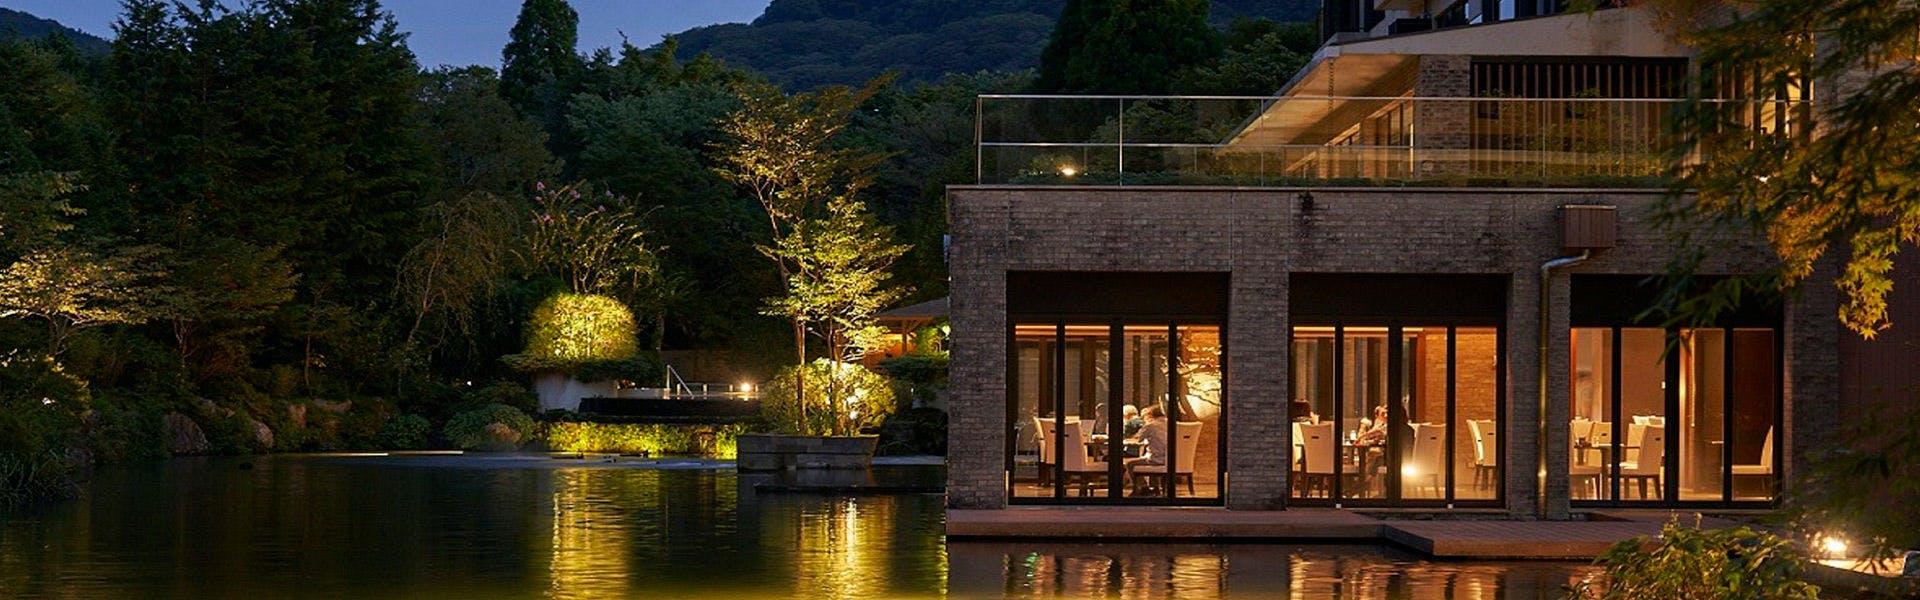 記念日におすすめのホテル・【ホテルハーヴェスト箱根甲子園】の写真2